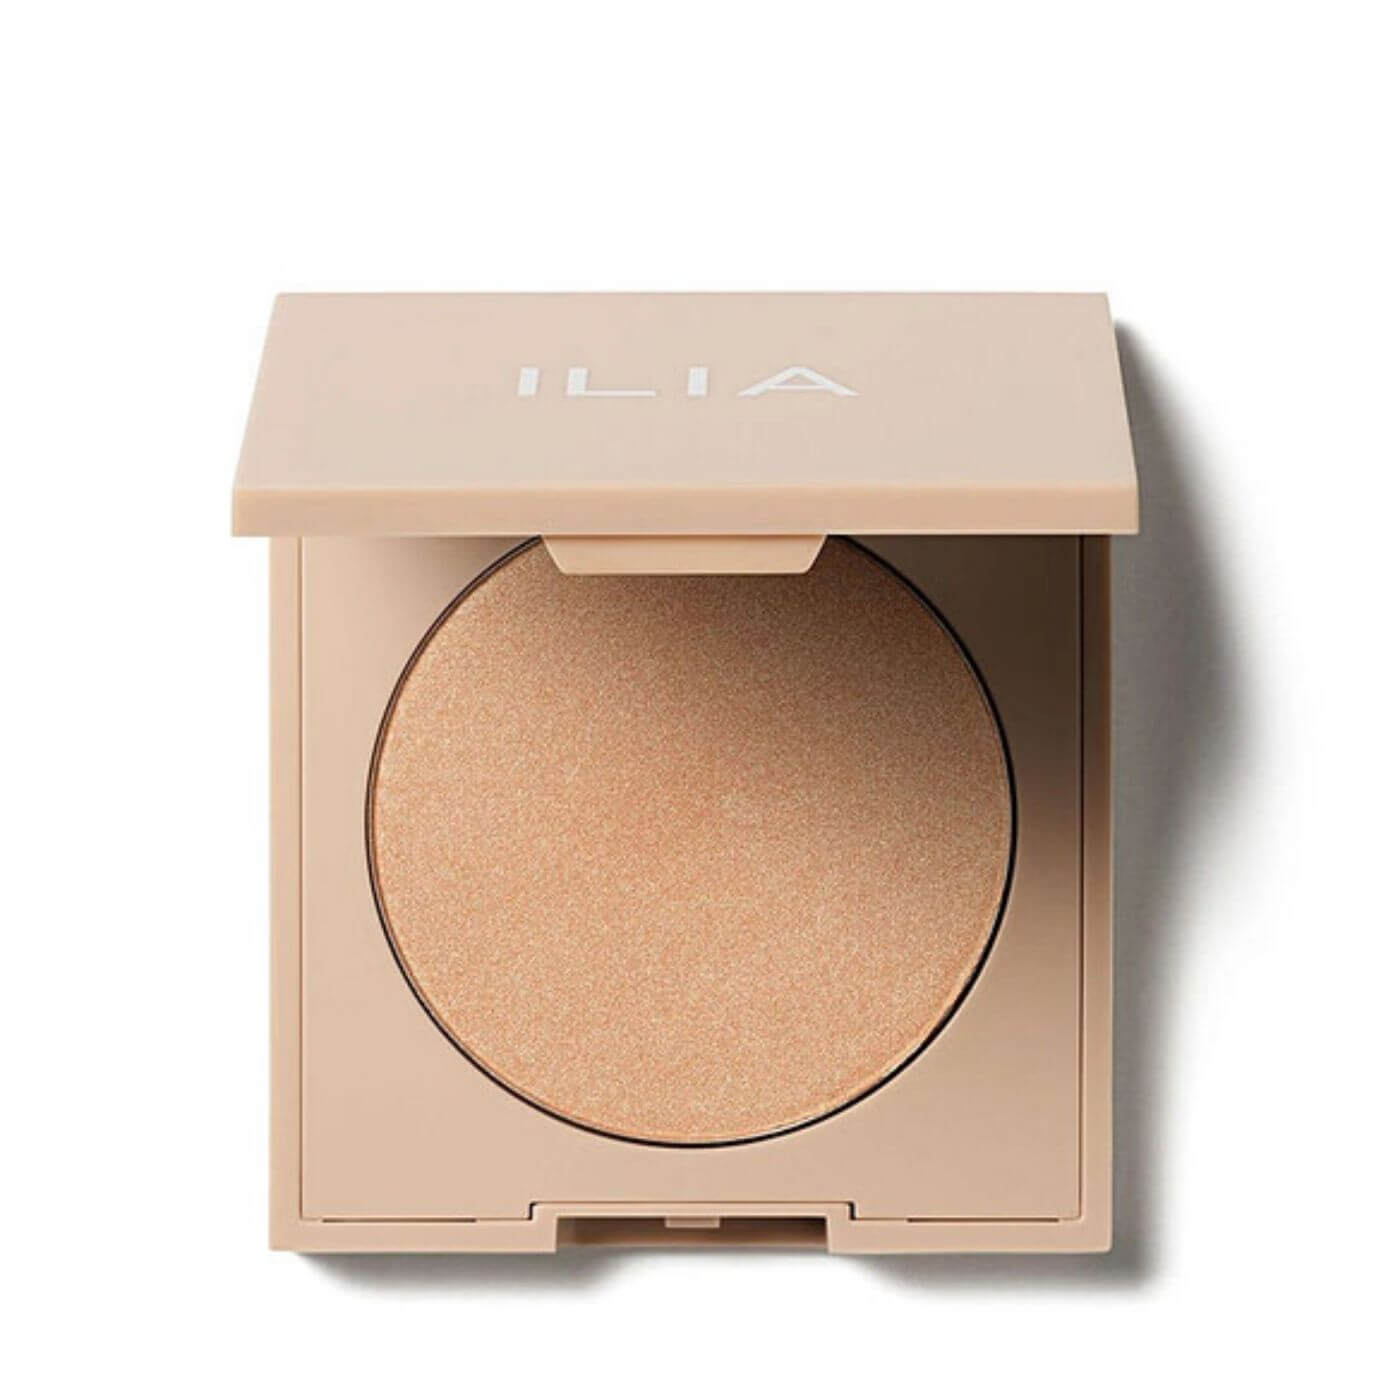 ILIA BEAUTY Rozświetlacz DayLite | SoBio Beauty Boutique 2-3